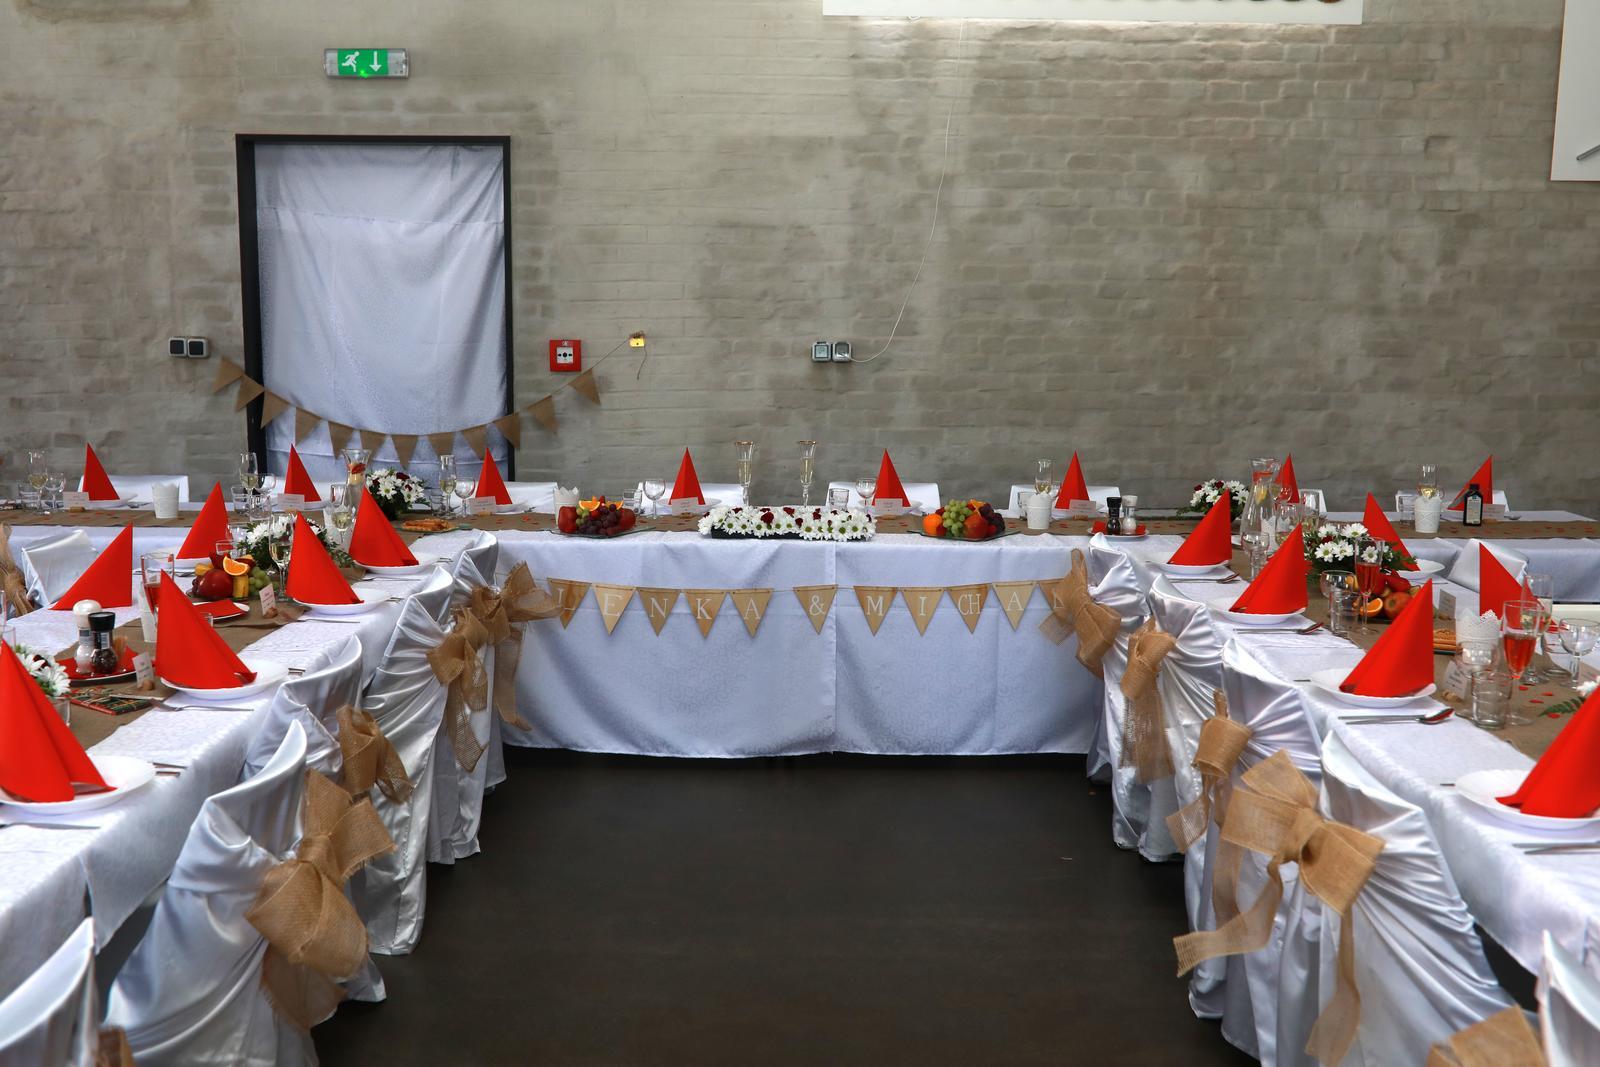 Jutové/korkové svatební dekorace  - Obrázek č. 1